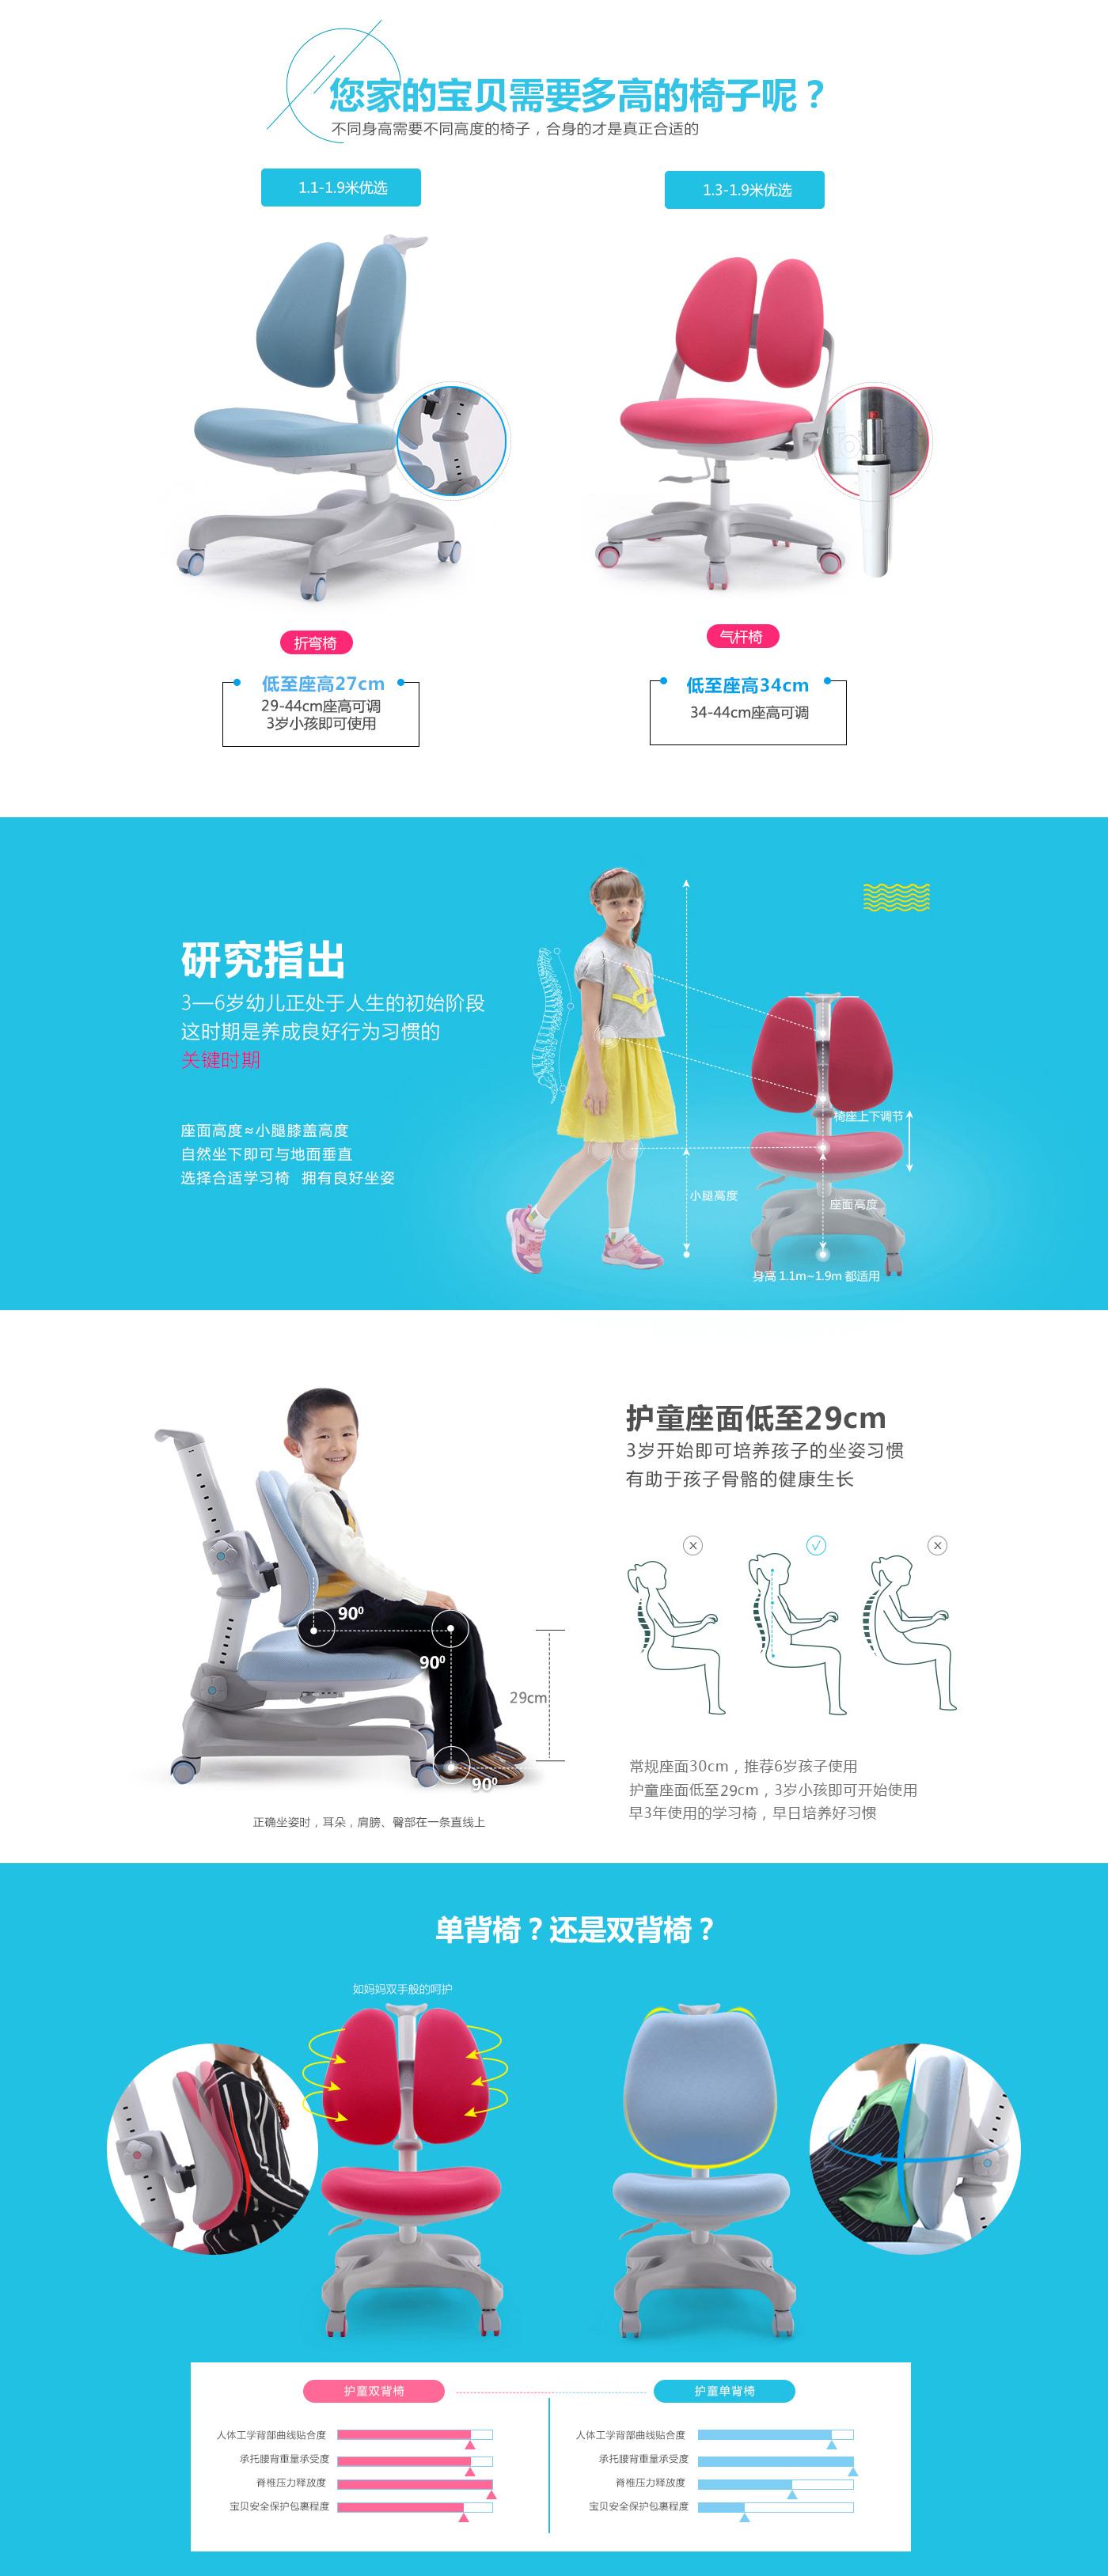 椅子上传使用图片.jpg